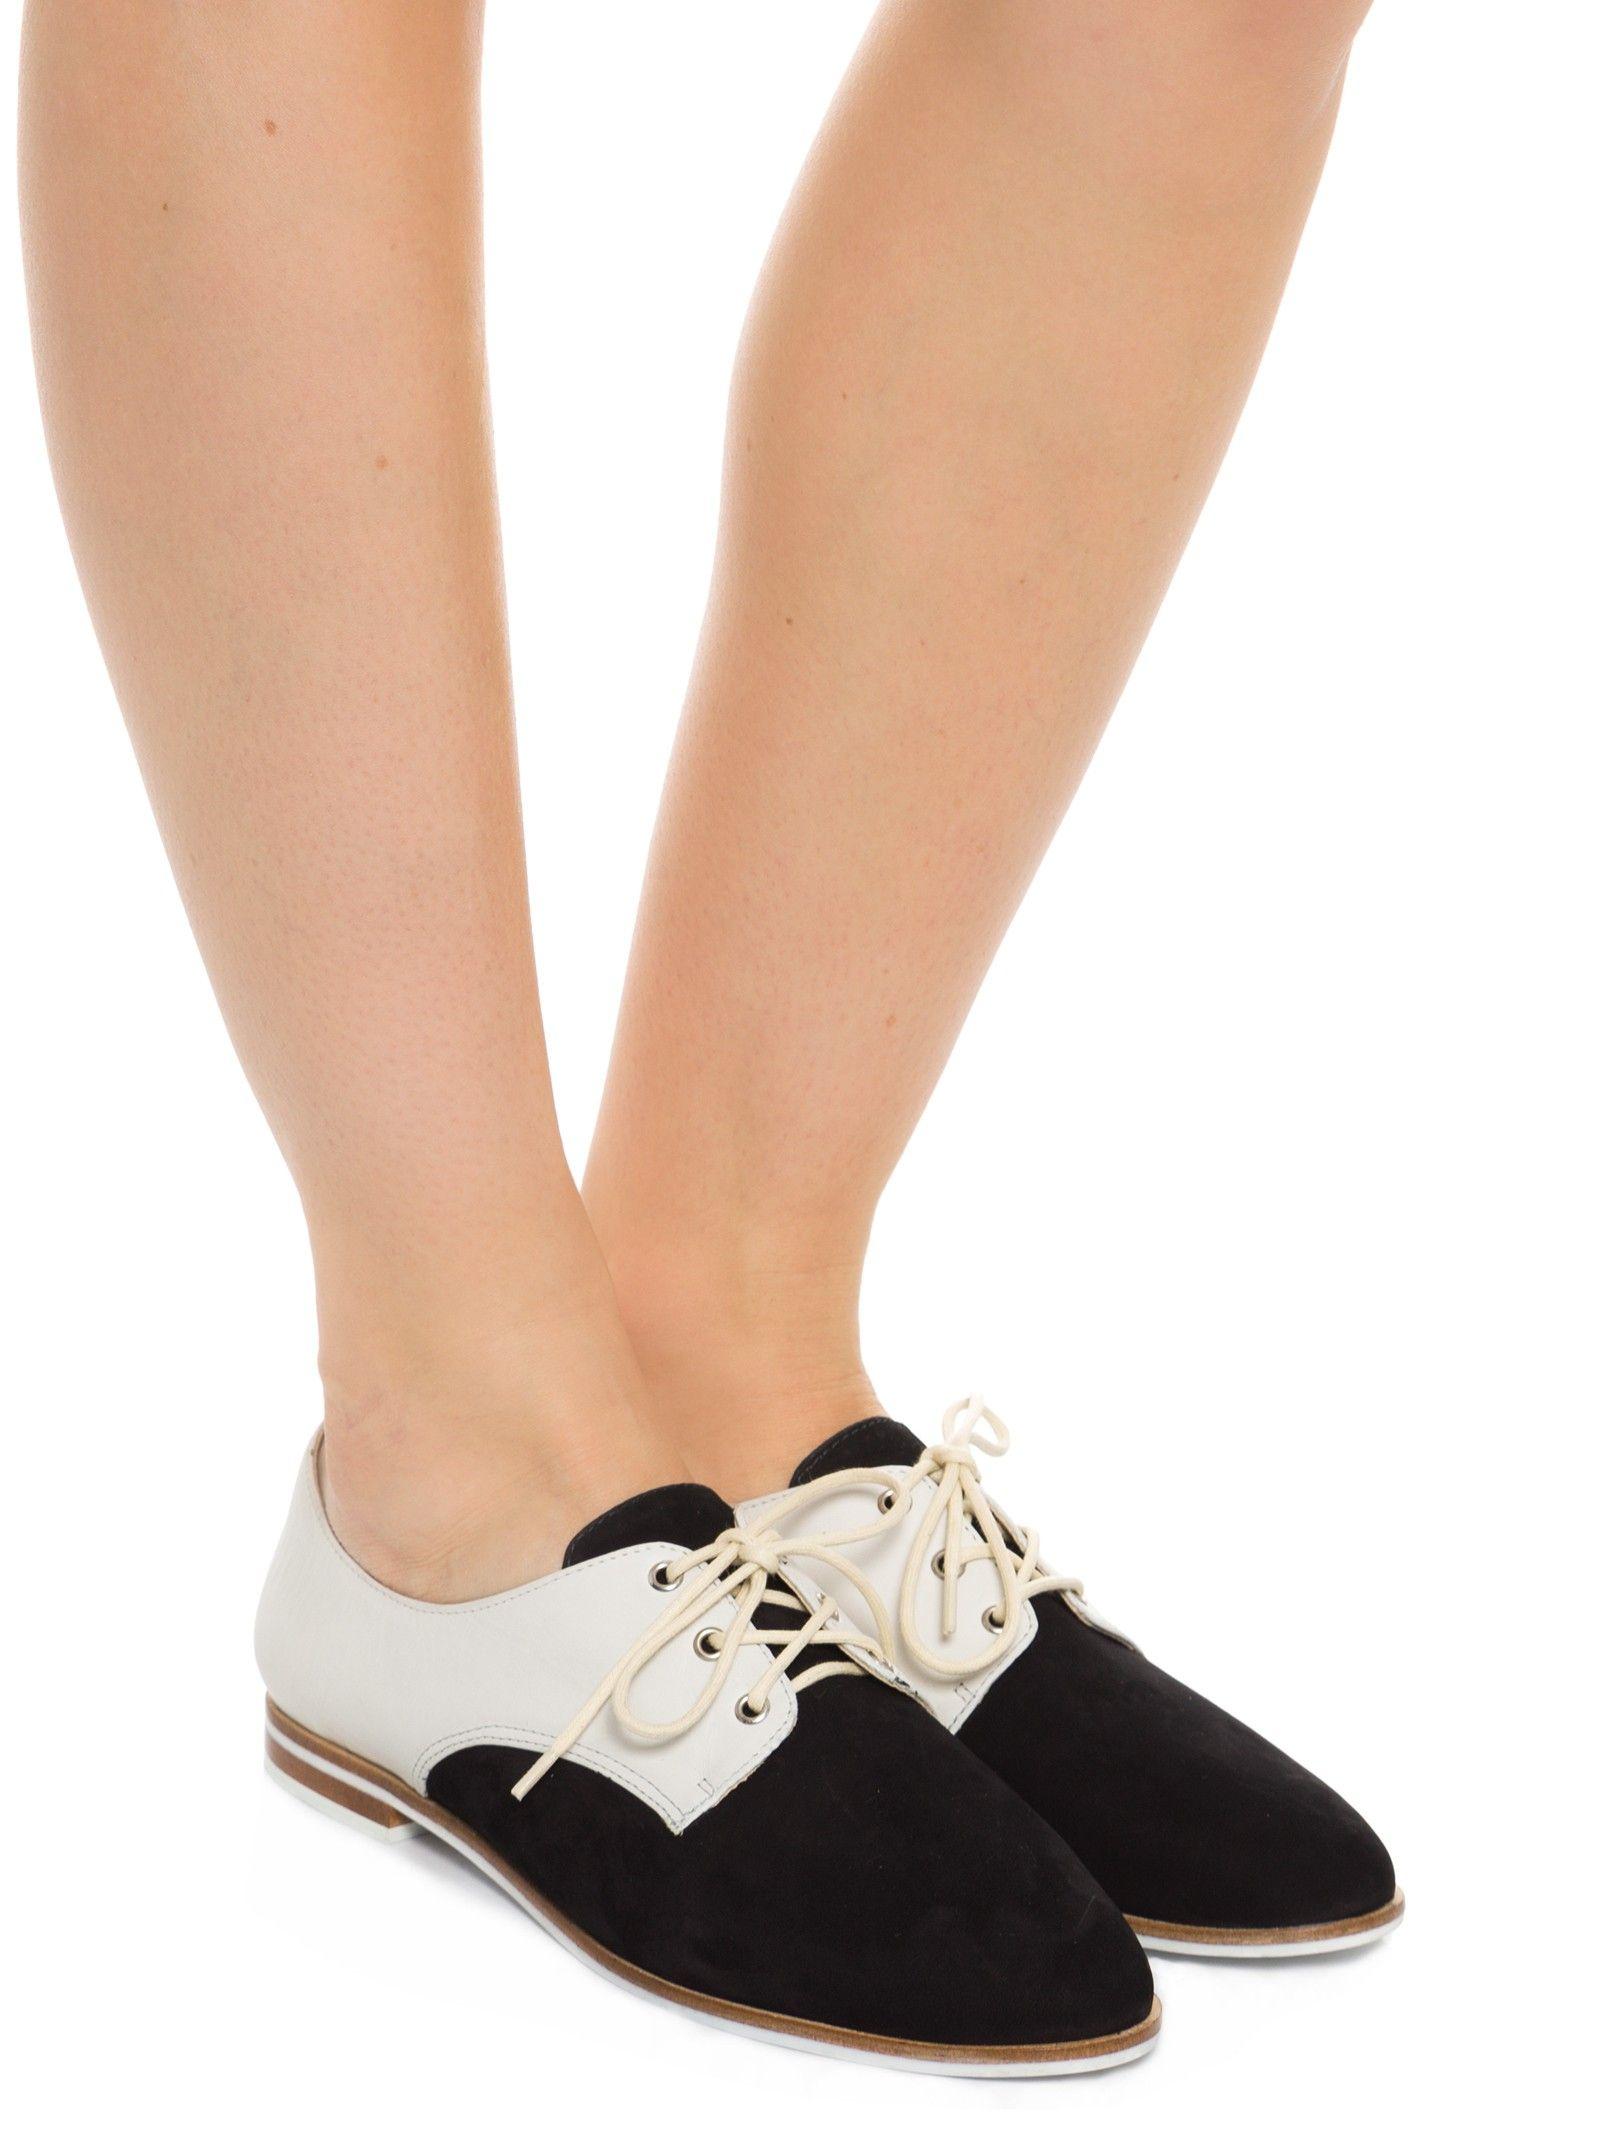 d88d21f585d Sapato Fechado Salto Rasteiro Nobuck - Schutz - Preto e Branco - Shop2gether